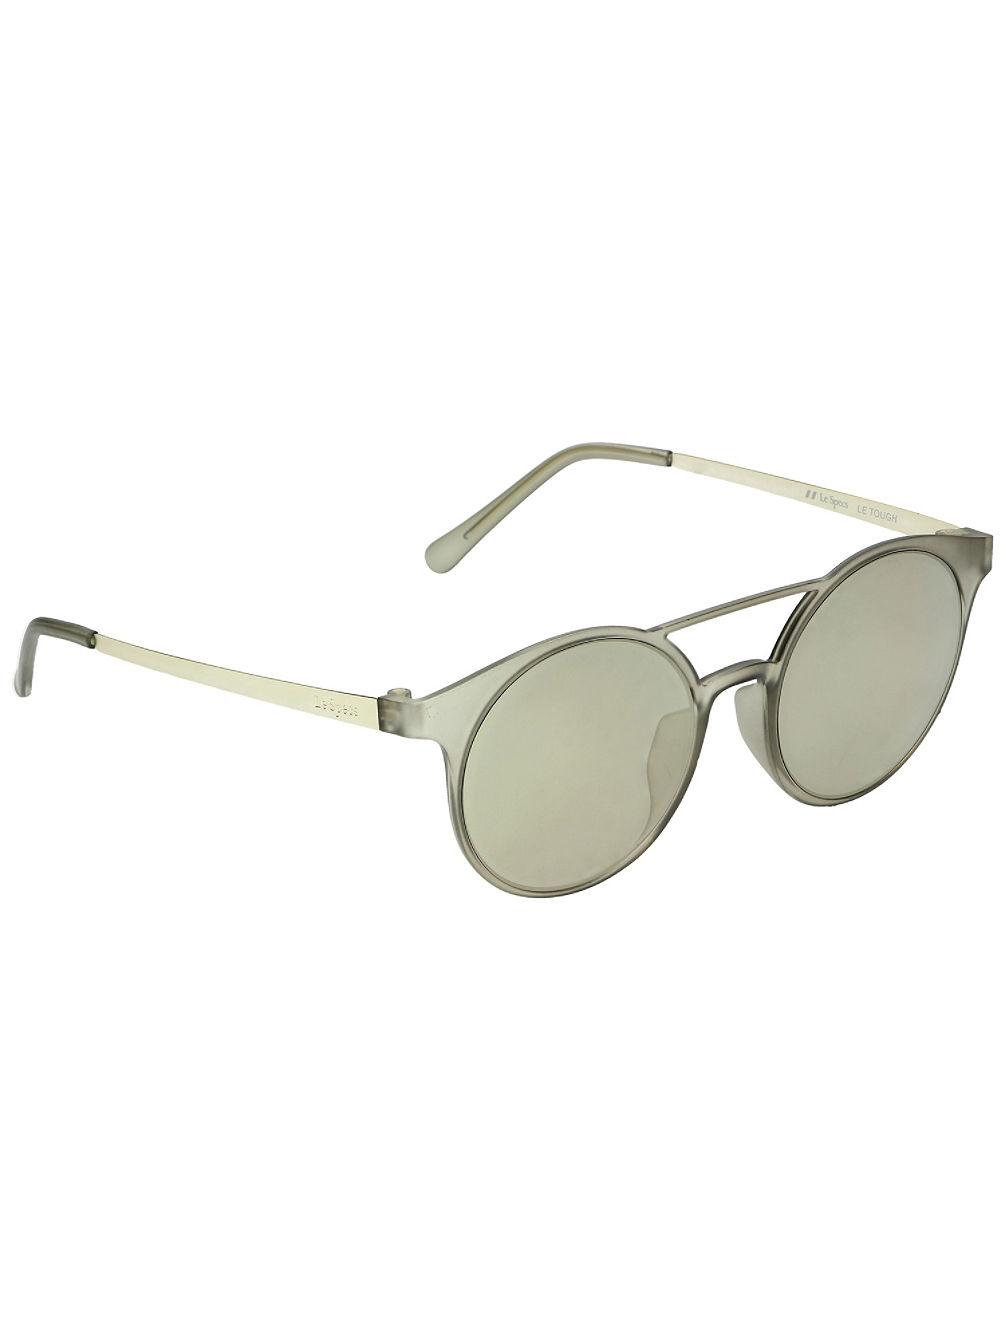 le-specs-demo-mode-matte-stone-gold